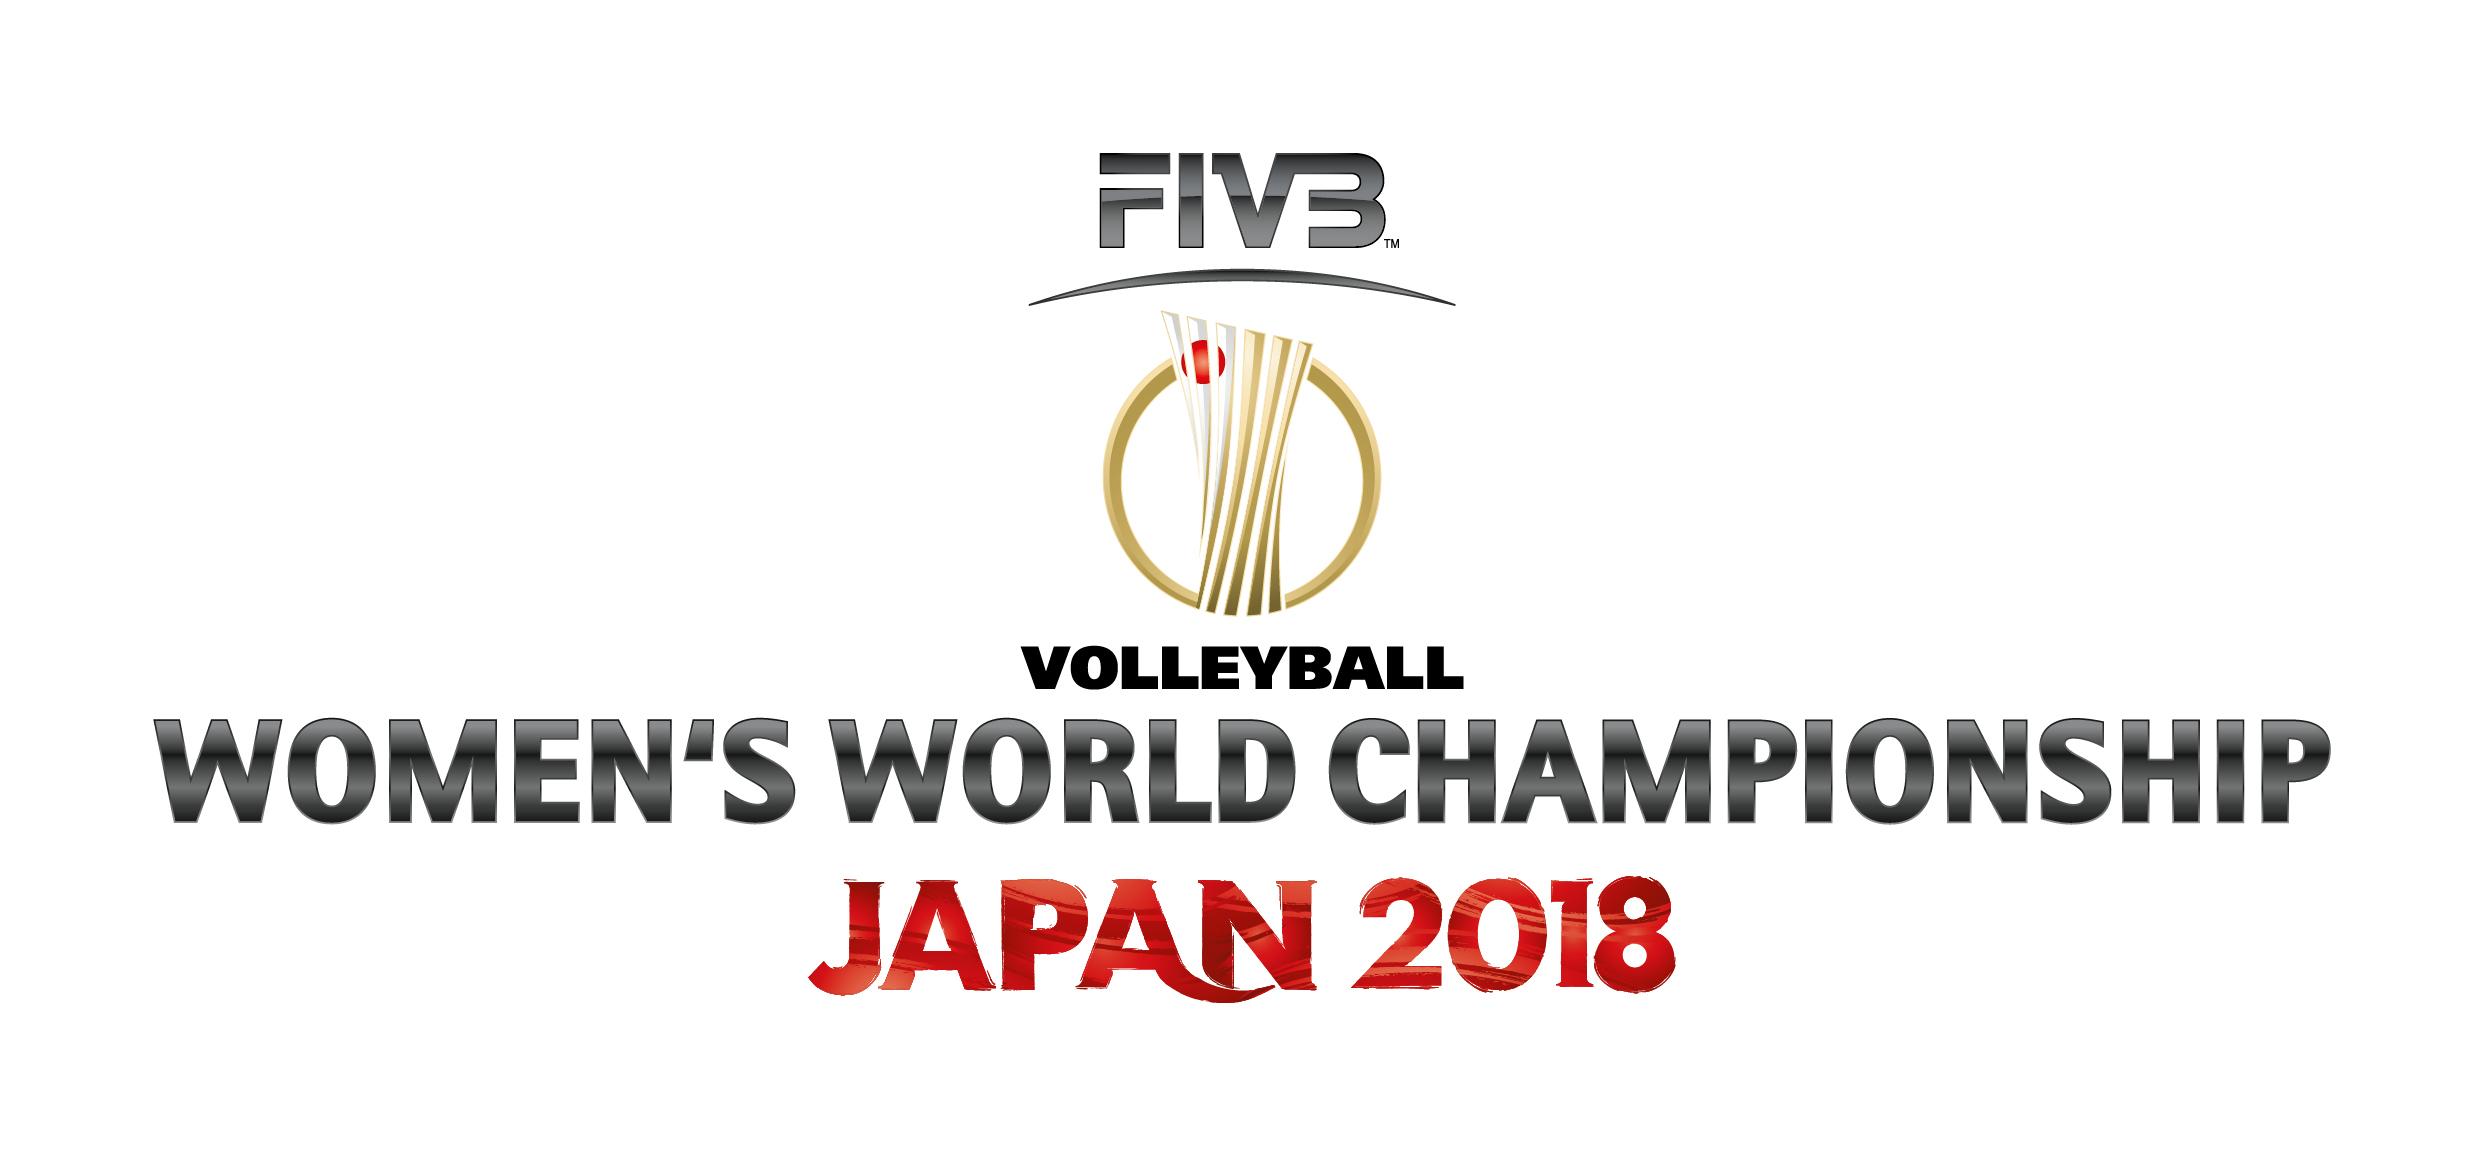 日本は次戦で『リオオリンピック2016』銀メダルのセルビアと対戦する